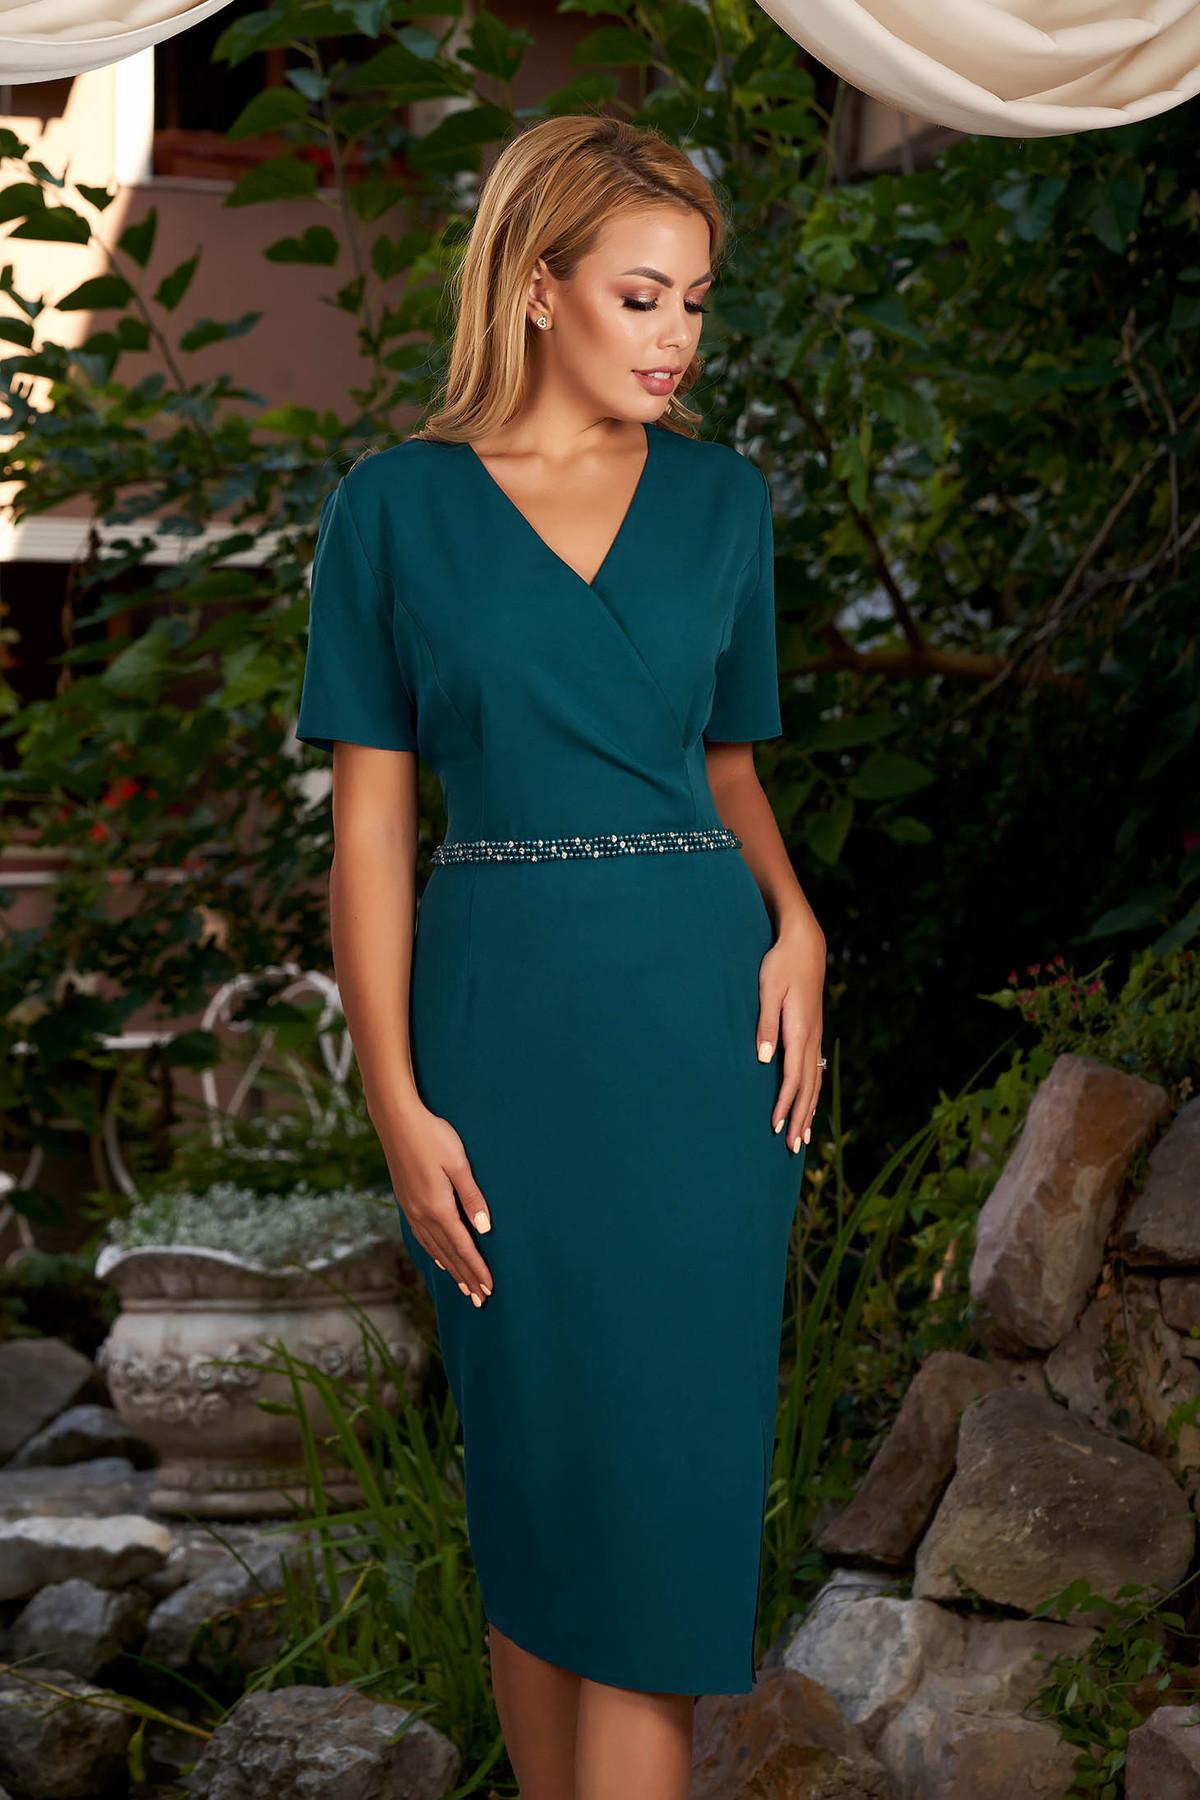 Rochie verde-inchis eleganta de zi midi tip creion cu maneci scurte si decolteu petrecut